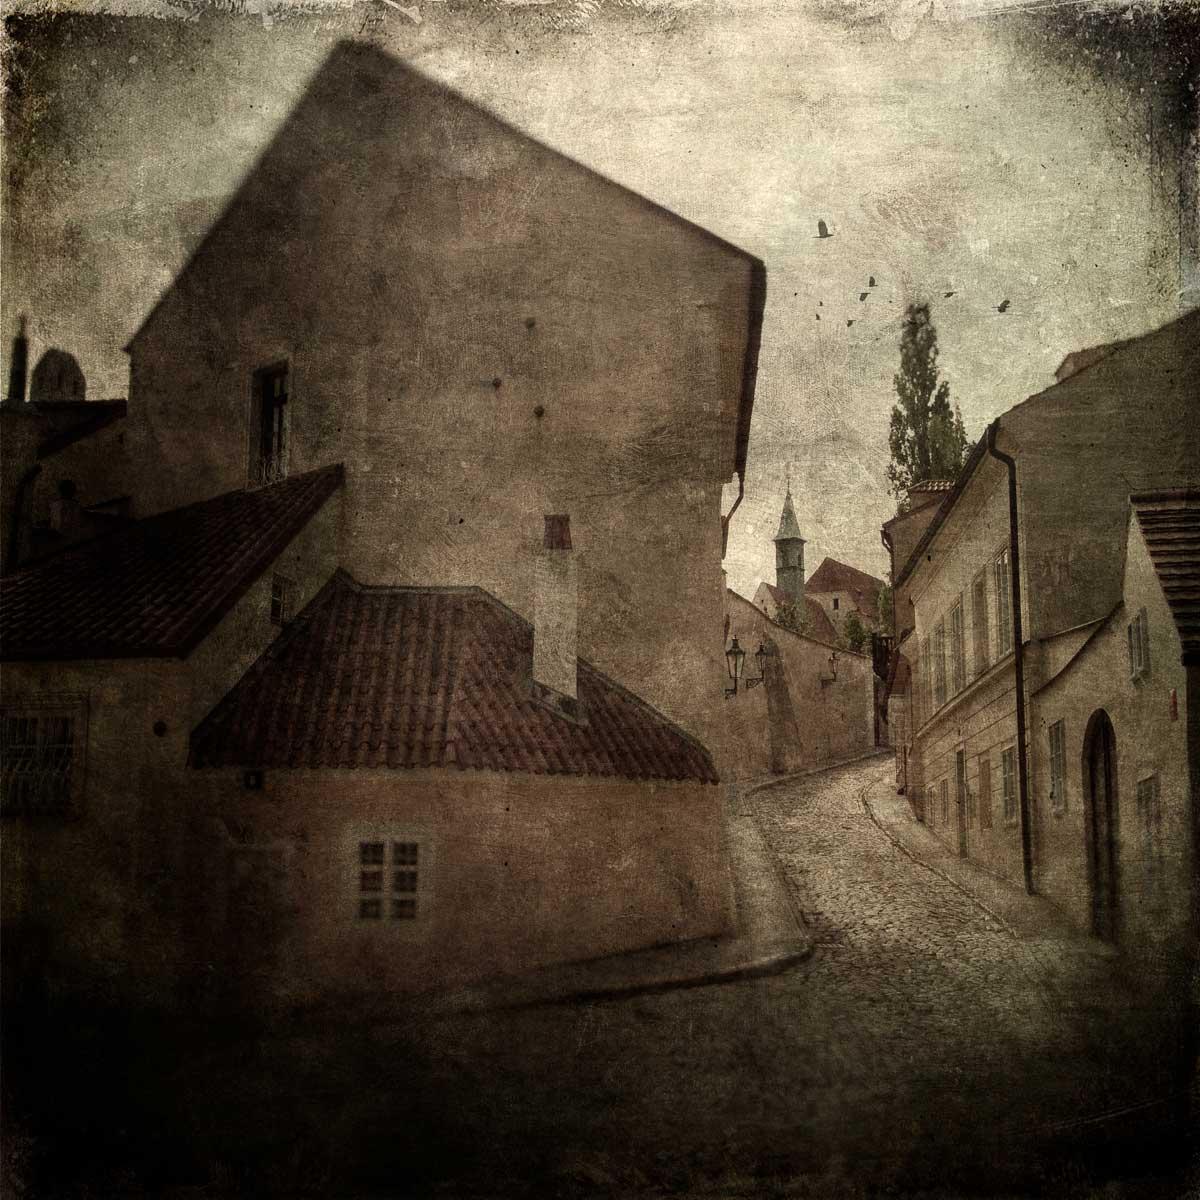 street_below_the_castle_12x12.jpg